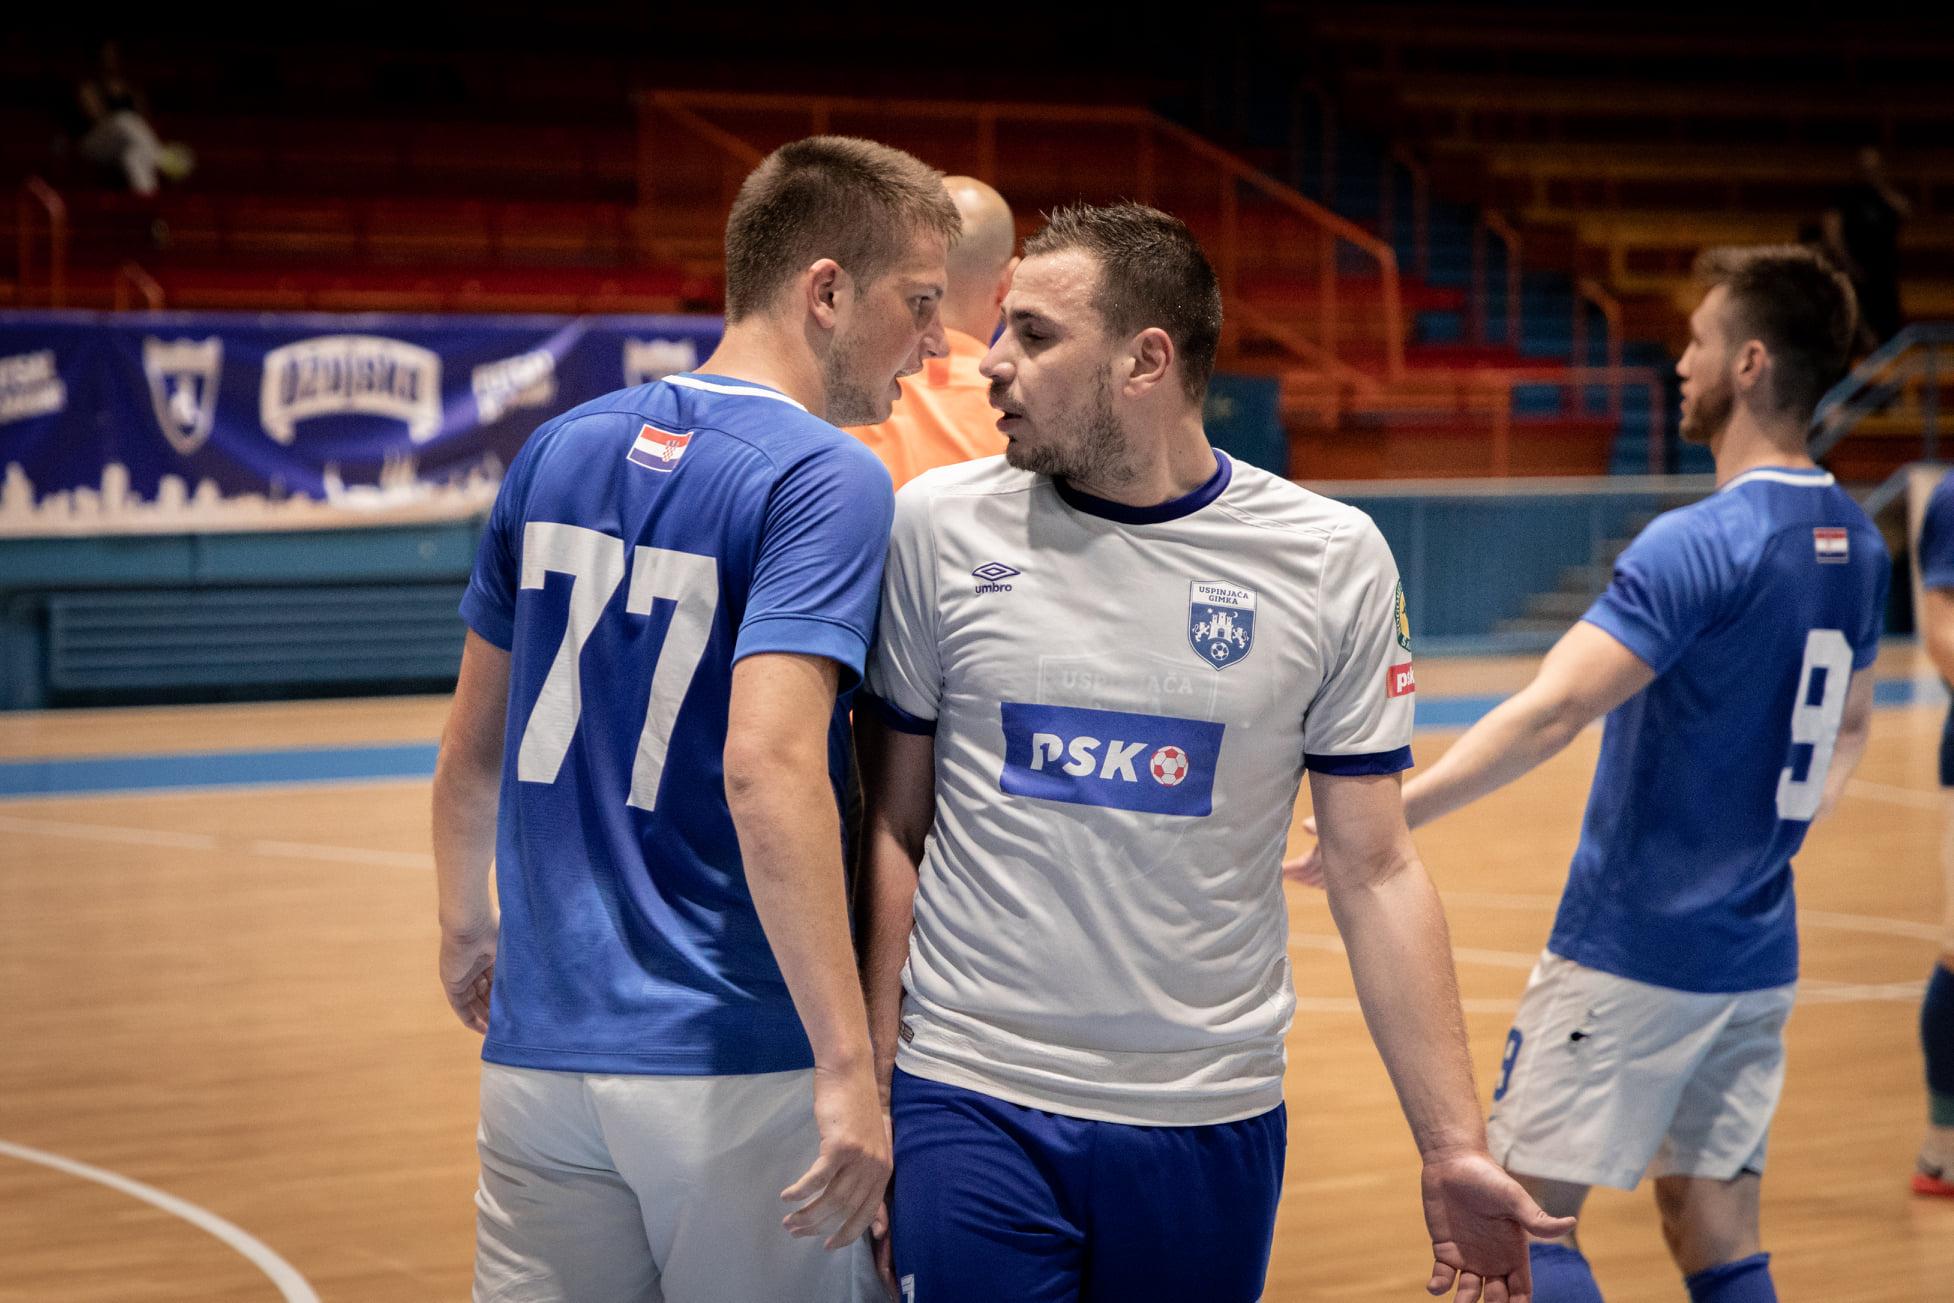 Dinamo protutnjao Sutinskim vrelima